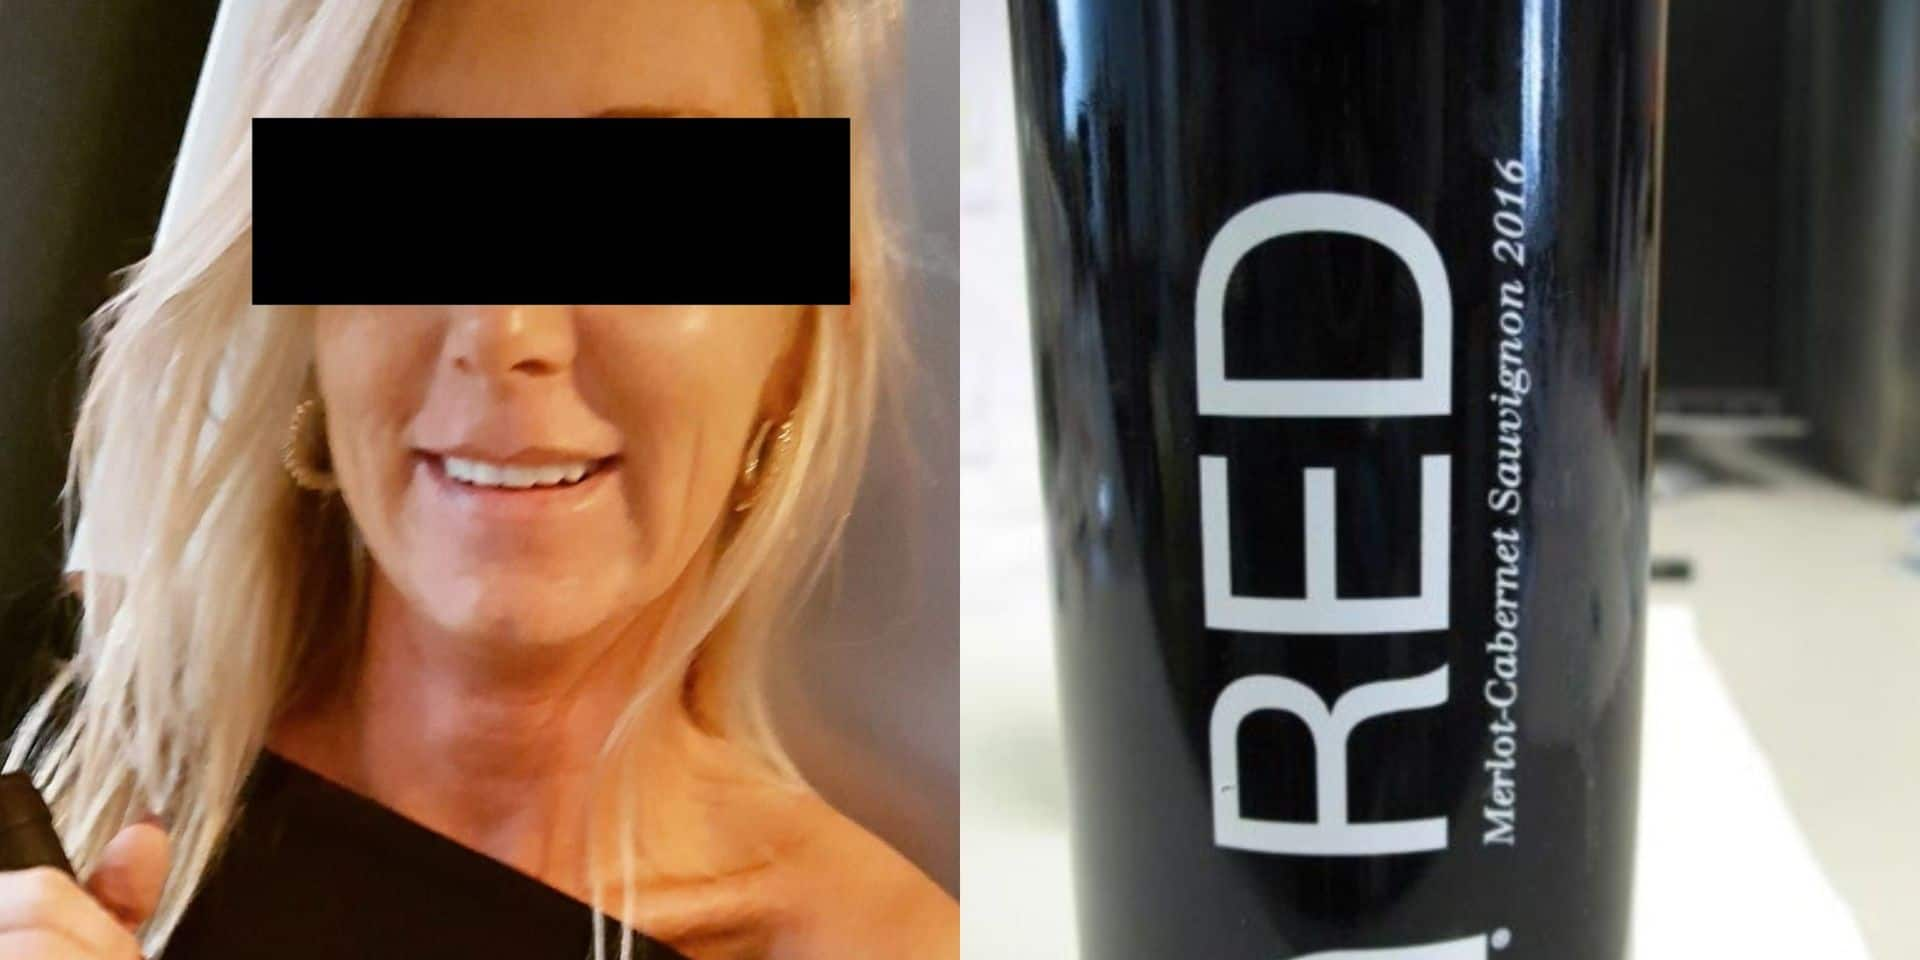 Sa bouteille de vin contenait du MDMA: Evi décède d'une overdose après une seule gorgée